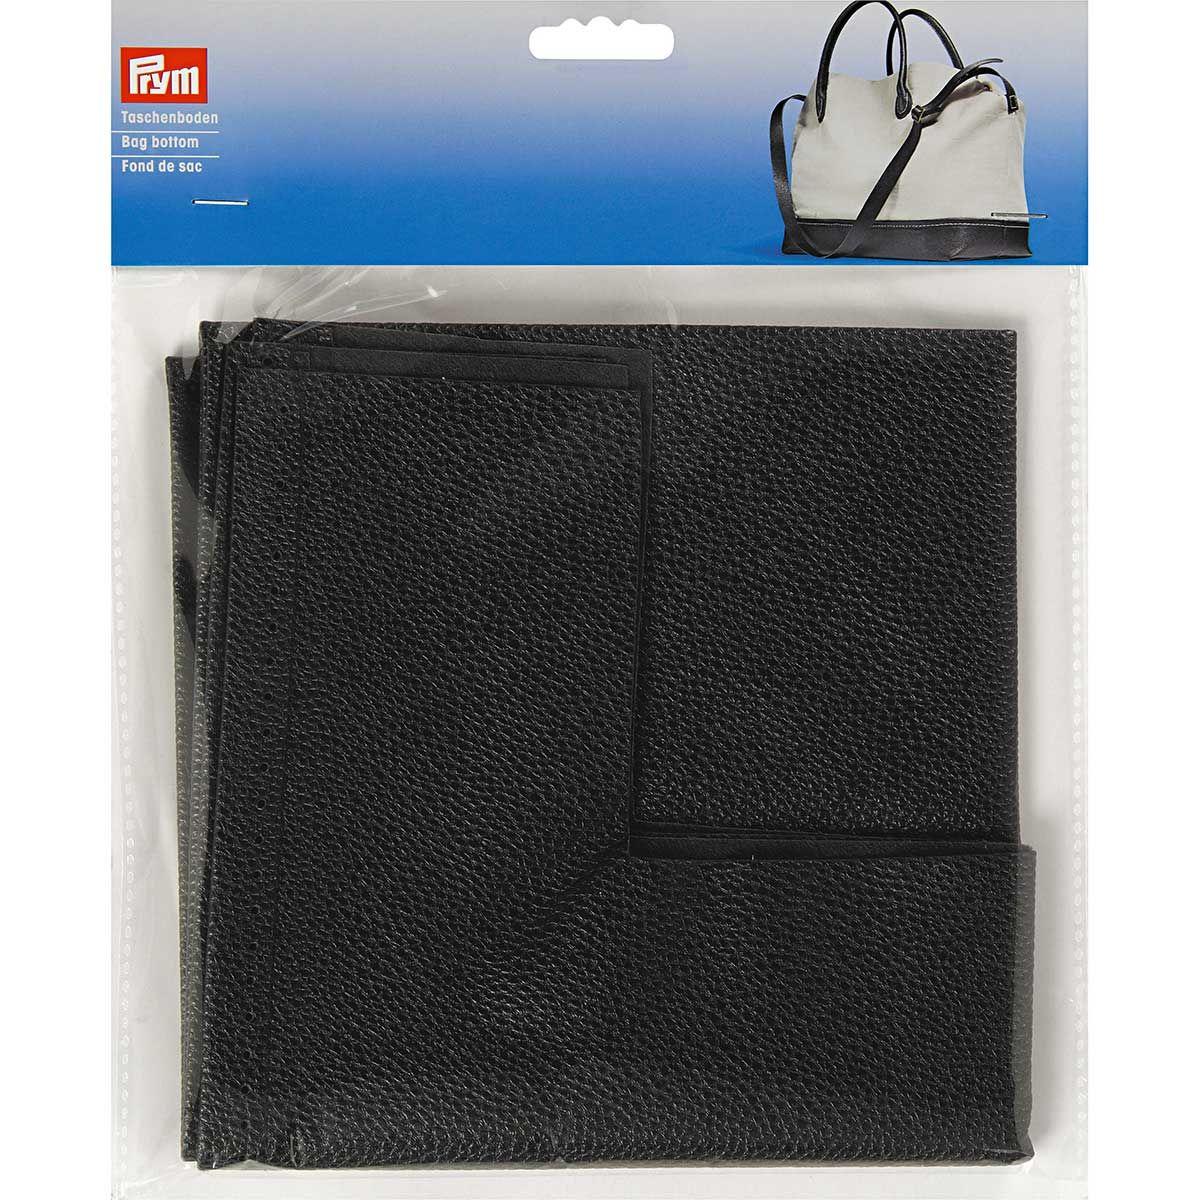 Fond de sac à main Eve - Noir